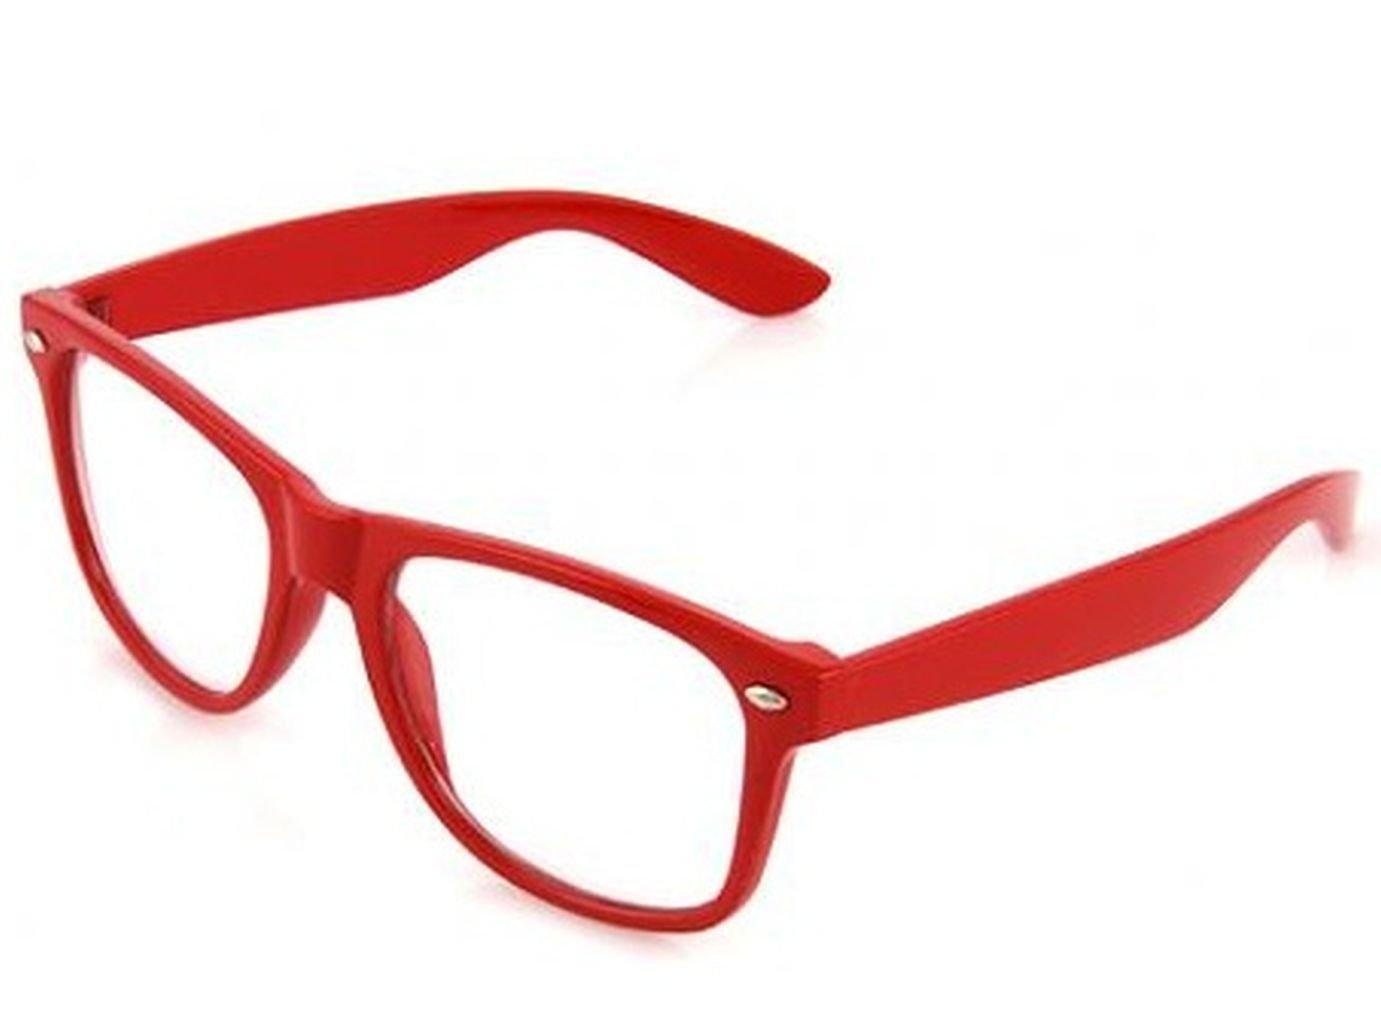 4sold Lesebrillen Sonnenbrille Brille Atzenbrille Nerd Brille Klar oder als Nerdbrille in verschiedenen Farben Hornbrille verschiedenen Sehstärken Brille w-50